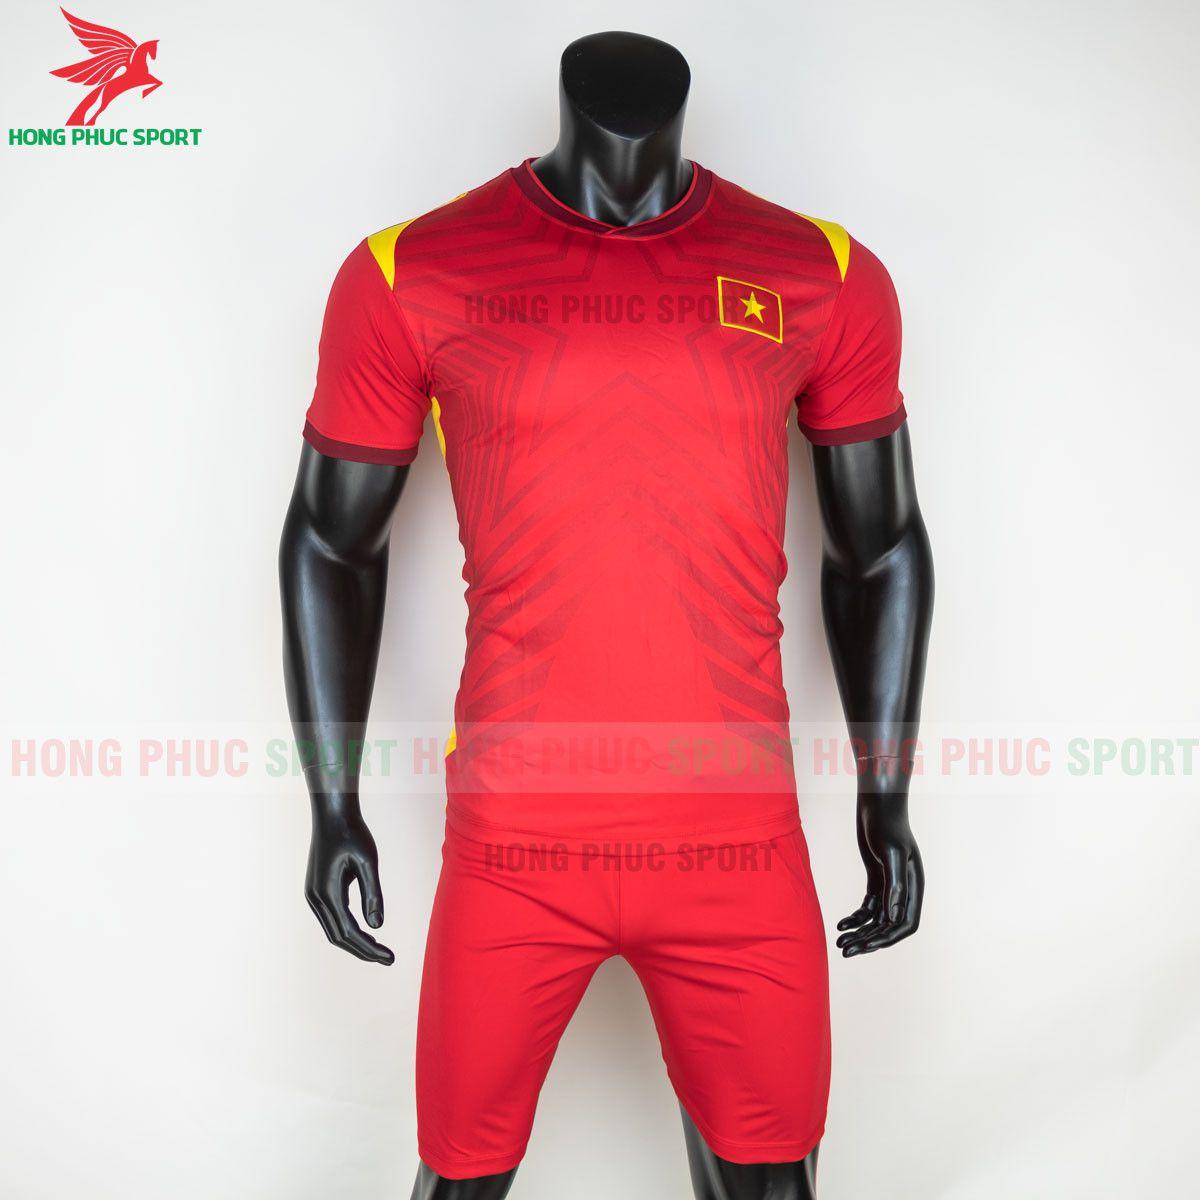 https://cdn.hongphucsport.com/unsafe/s4.shopbay.vn/files/285/ao-bong-da-tuyen-viet-nam-2021-san-nha-2-60d30ca22182a.jpg